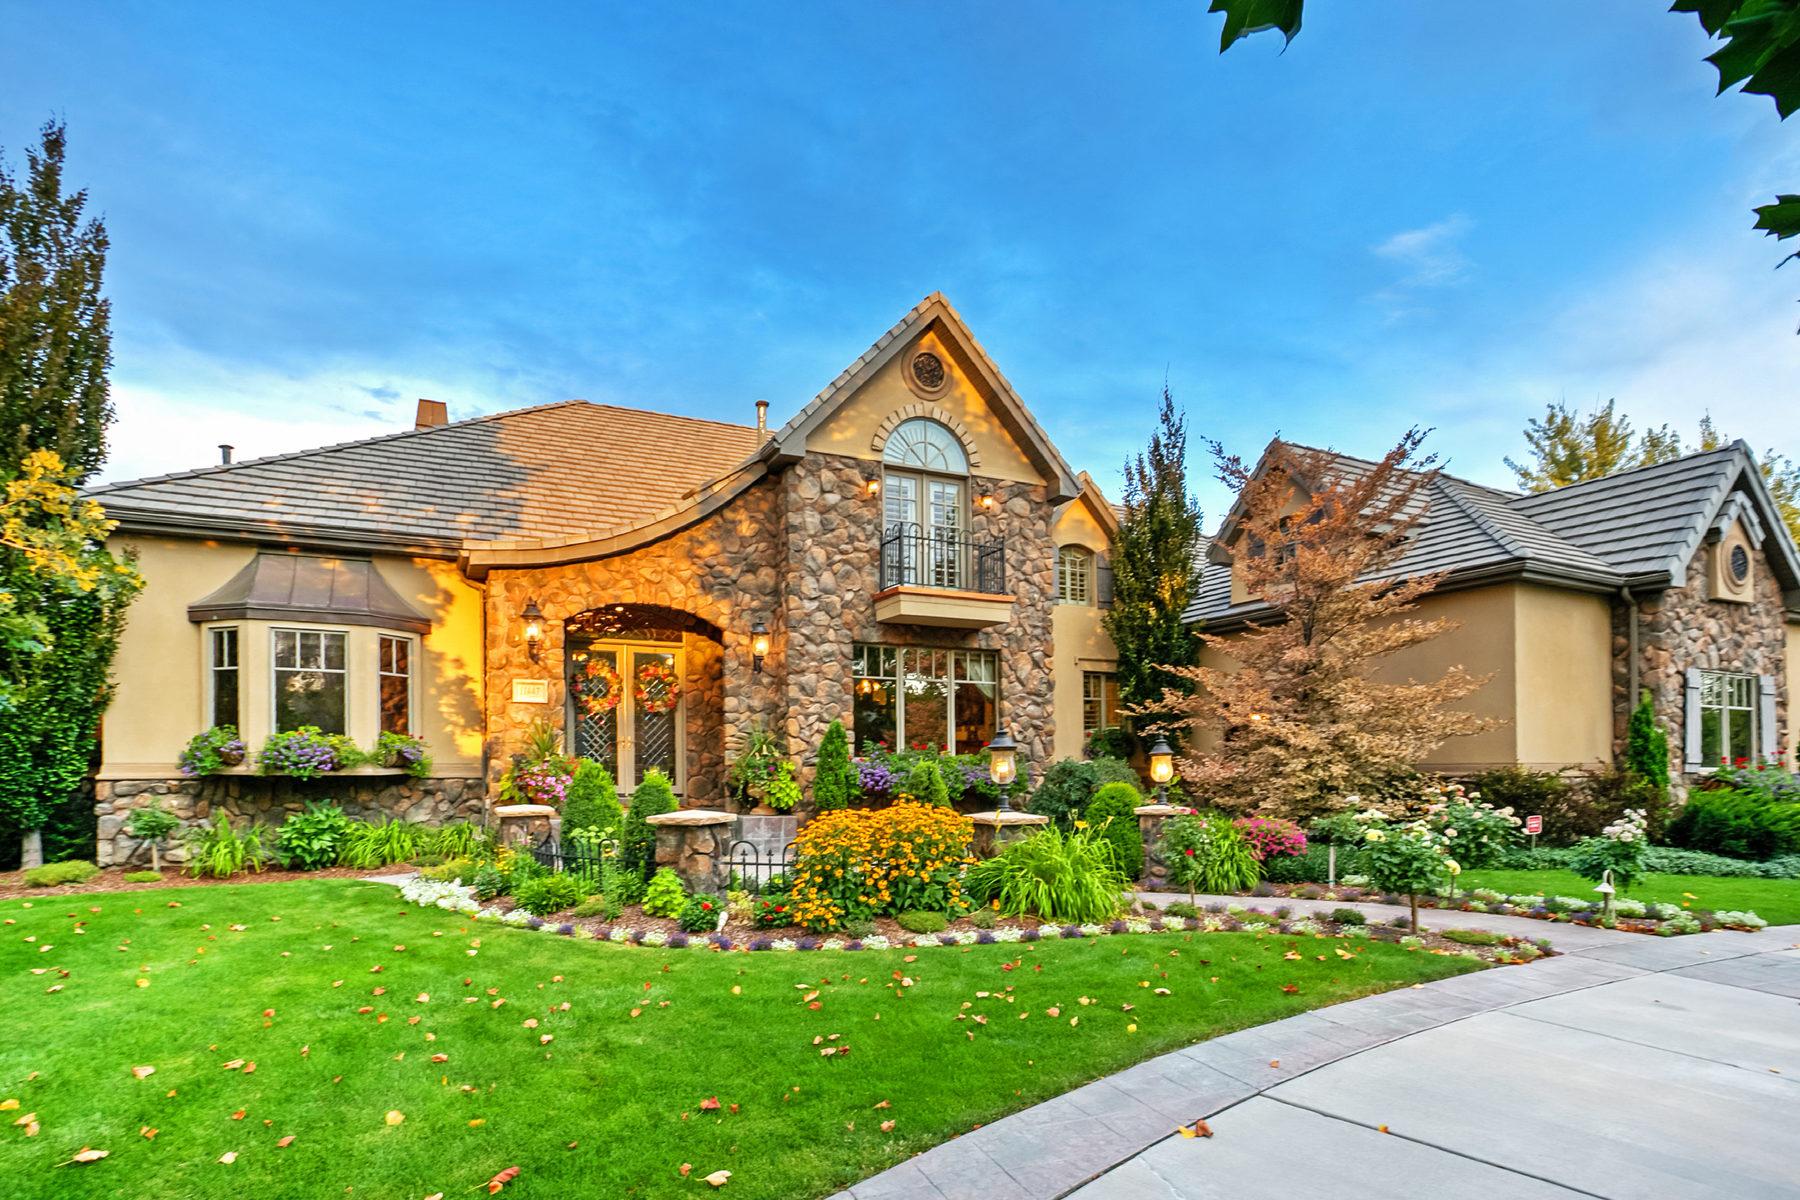 Maison unifamiliale pour l Vente à Quintessential Country Estate 11447 S Polo Club Ct South Jordan, Utah, 84095 États-Unis